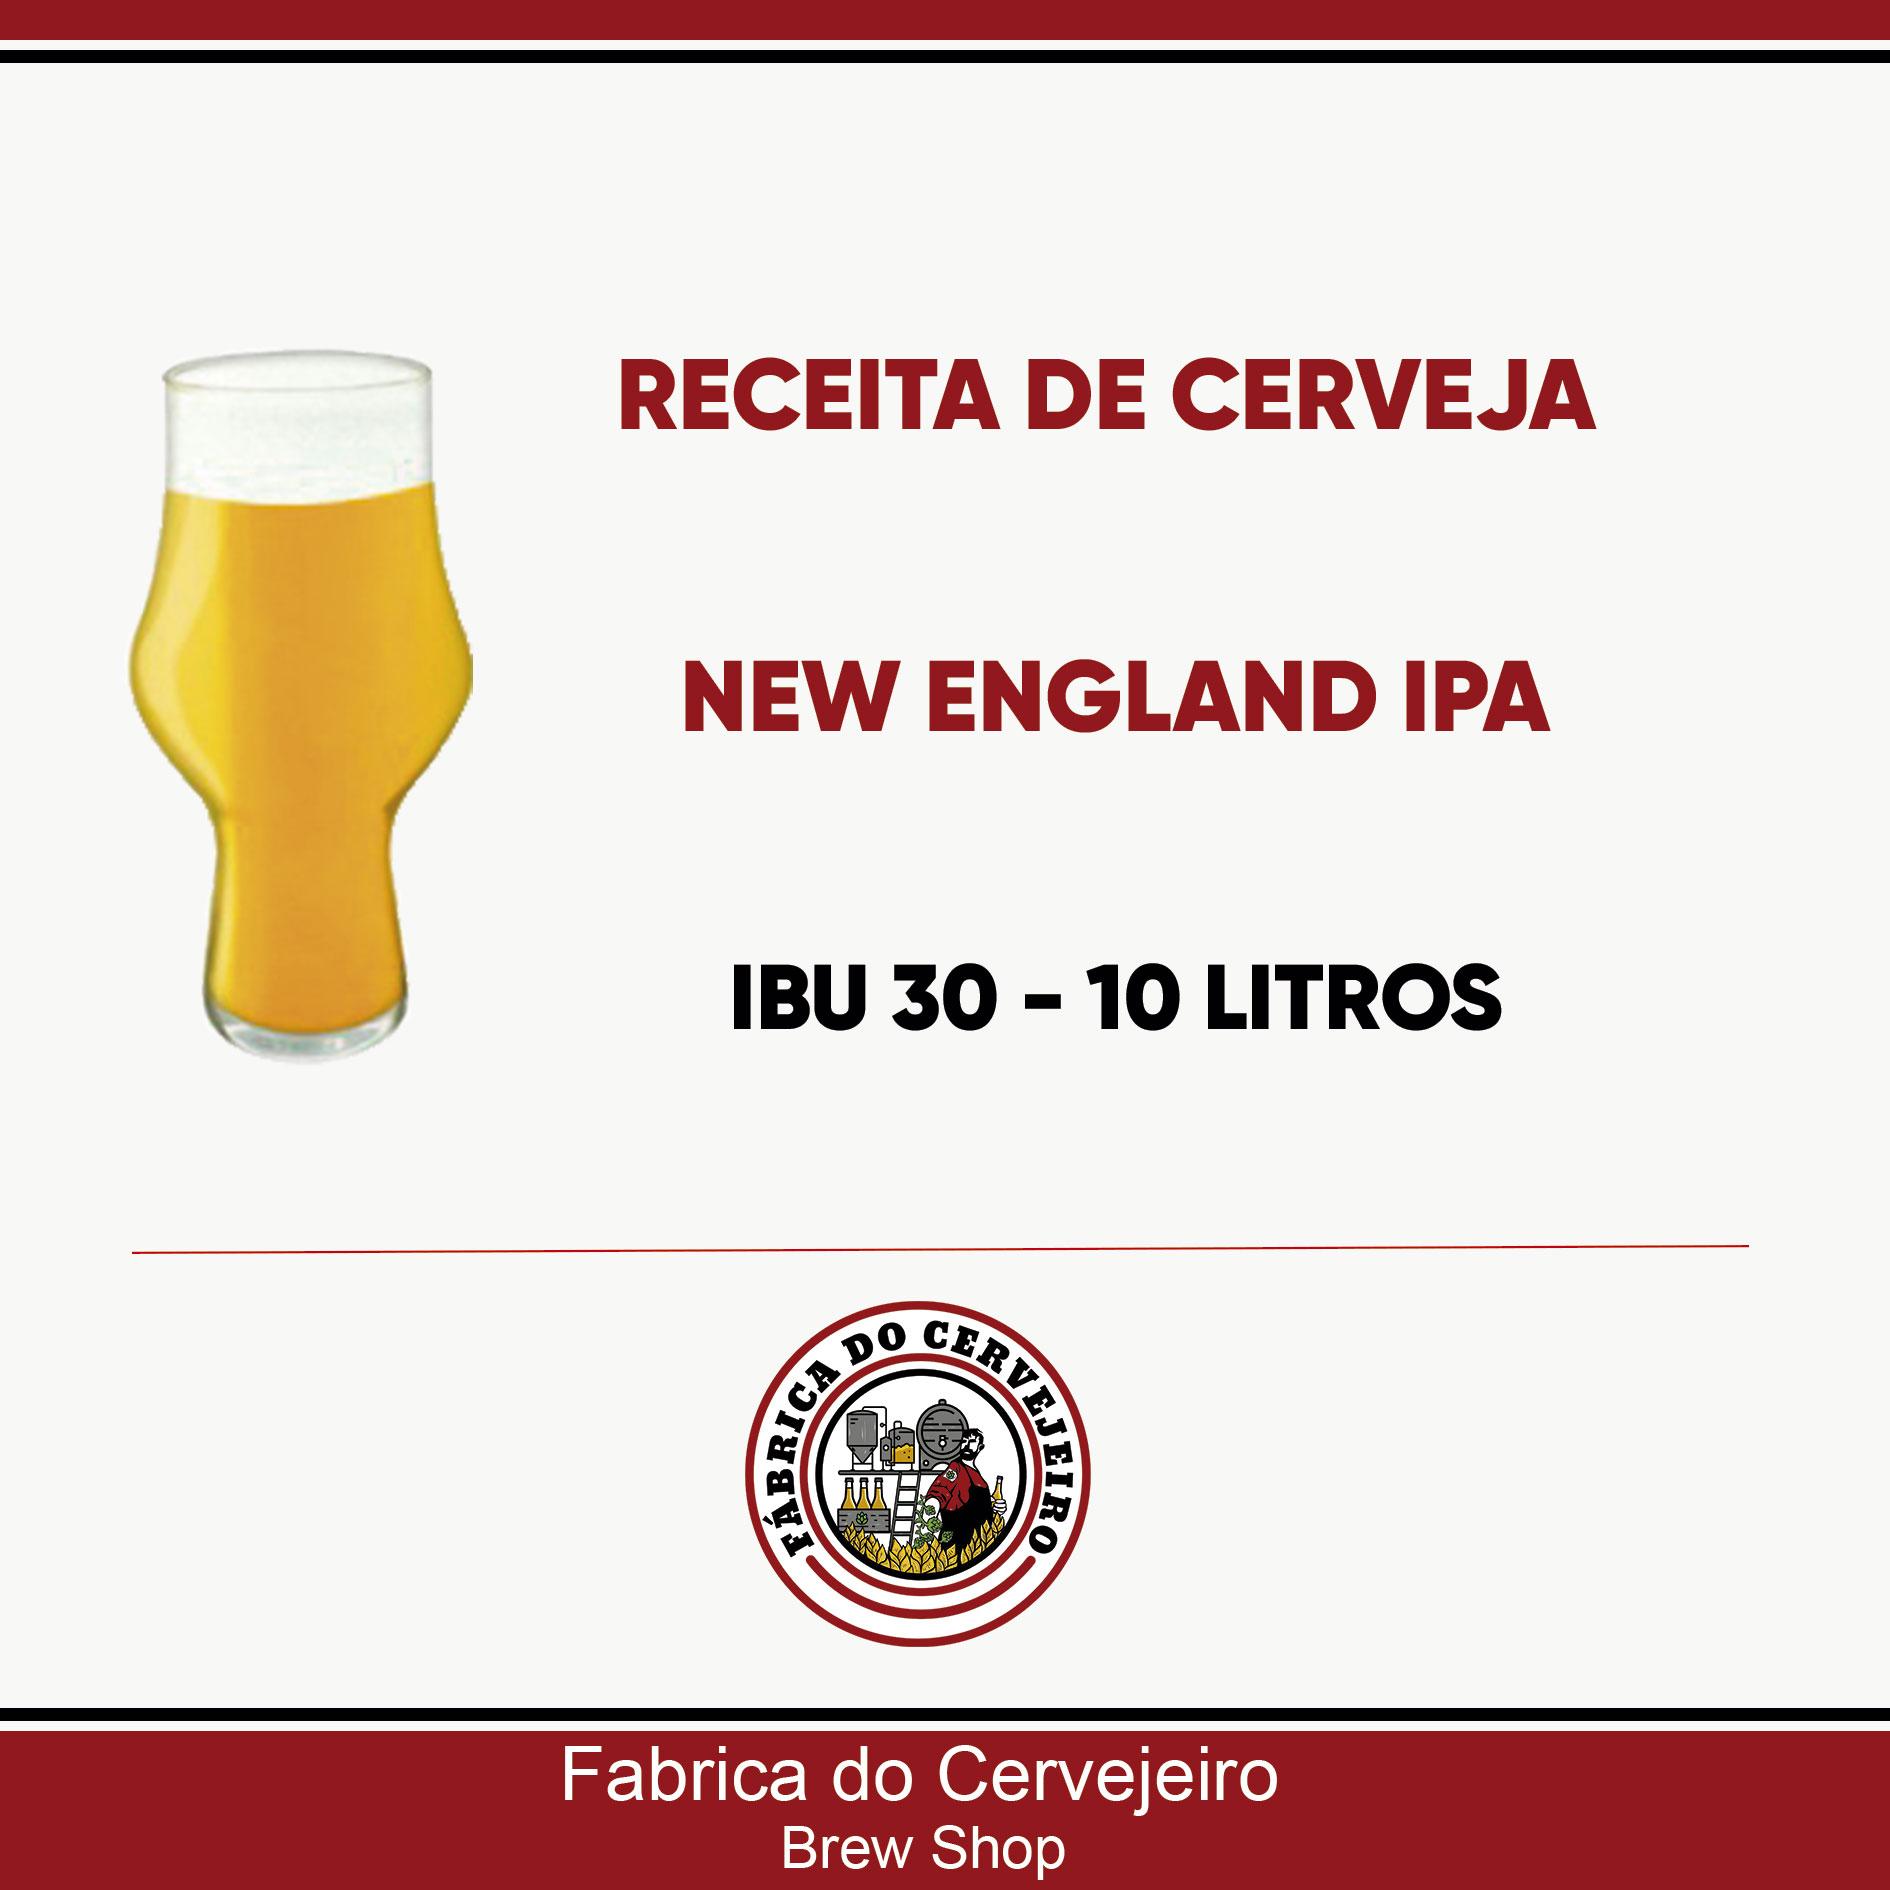 Receita de New England IPA 10 Litros